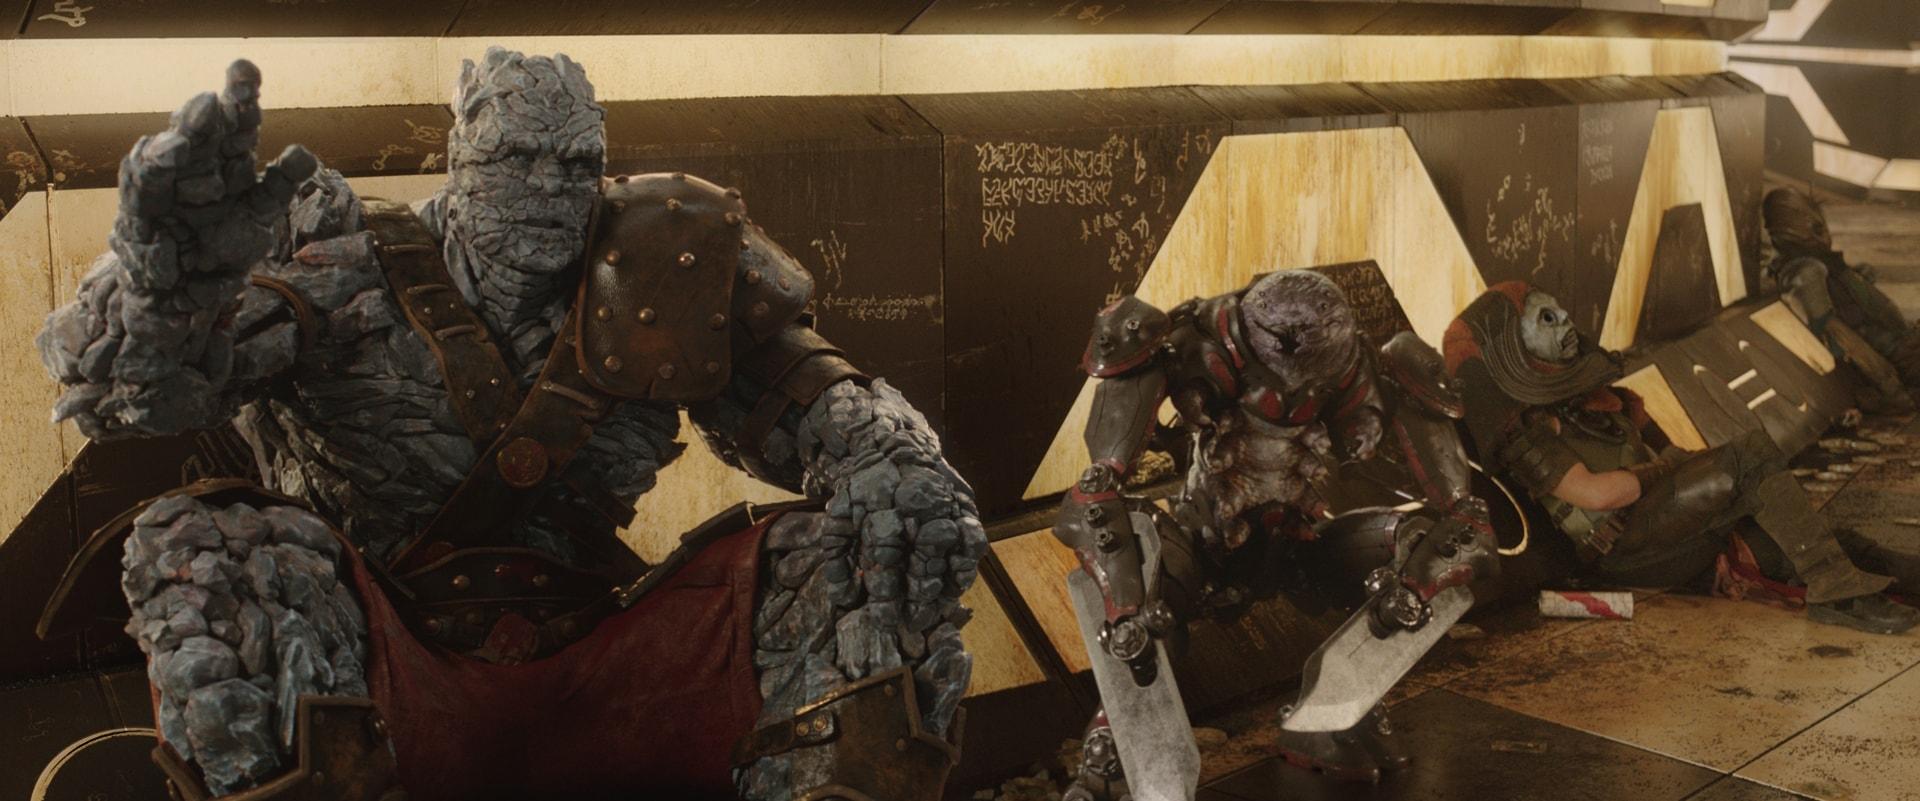 Korg_Thor Ragnarok